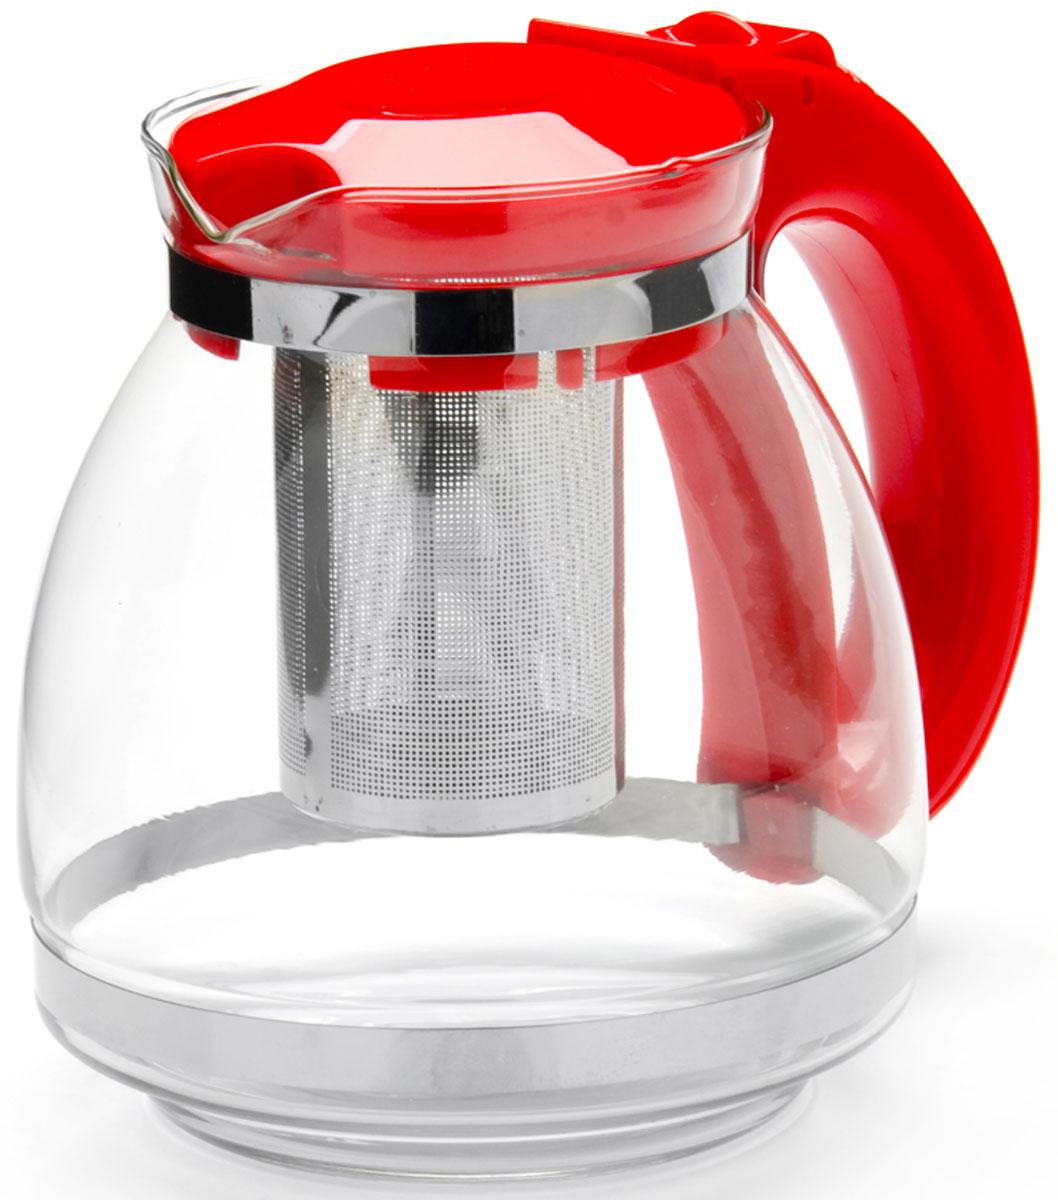 Чайник заварочный Mayer & Boch, с фильтром, цвет: красный, 1,5 л. 26170-1 чайник mayer & boch цвет стальной бирюзовый золотой 4 л 1046a